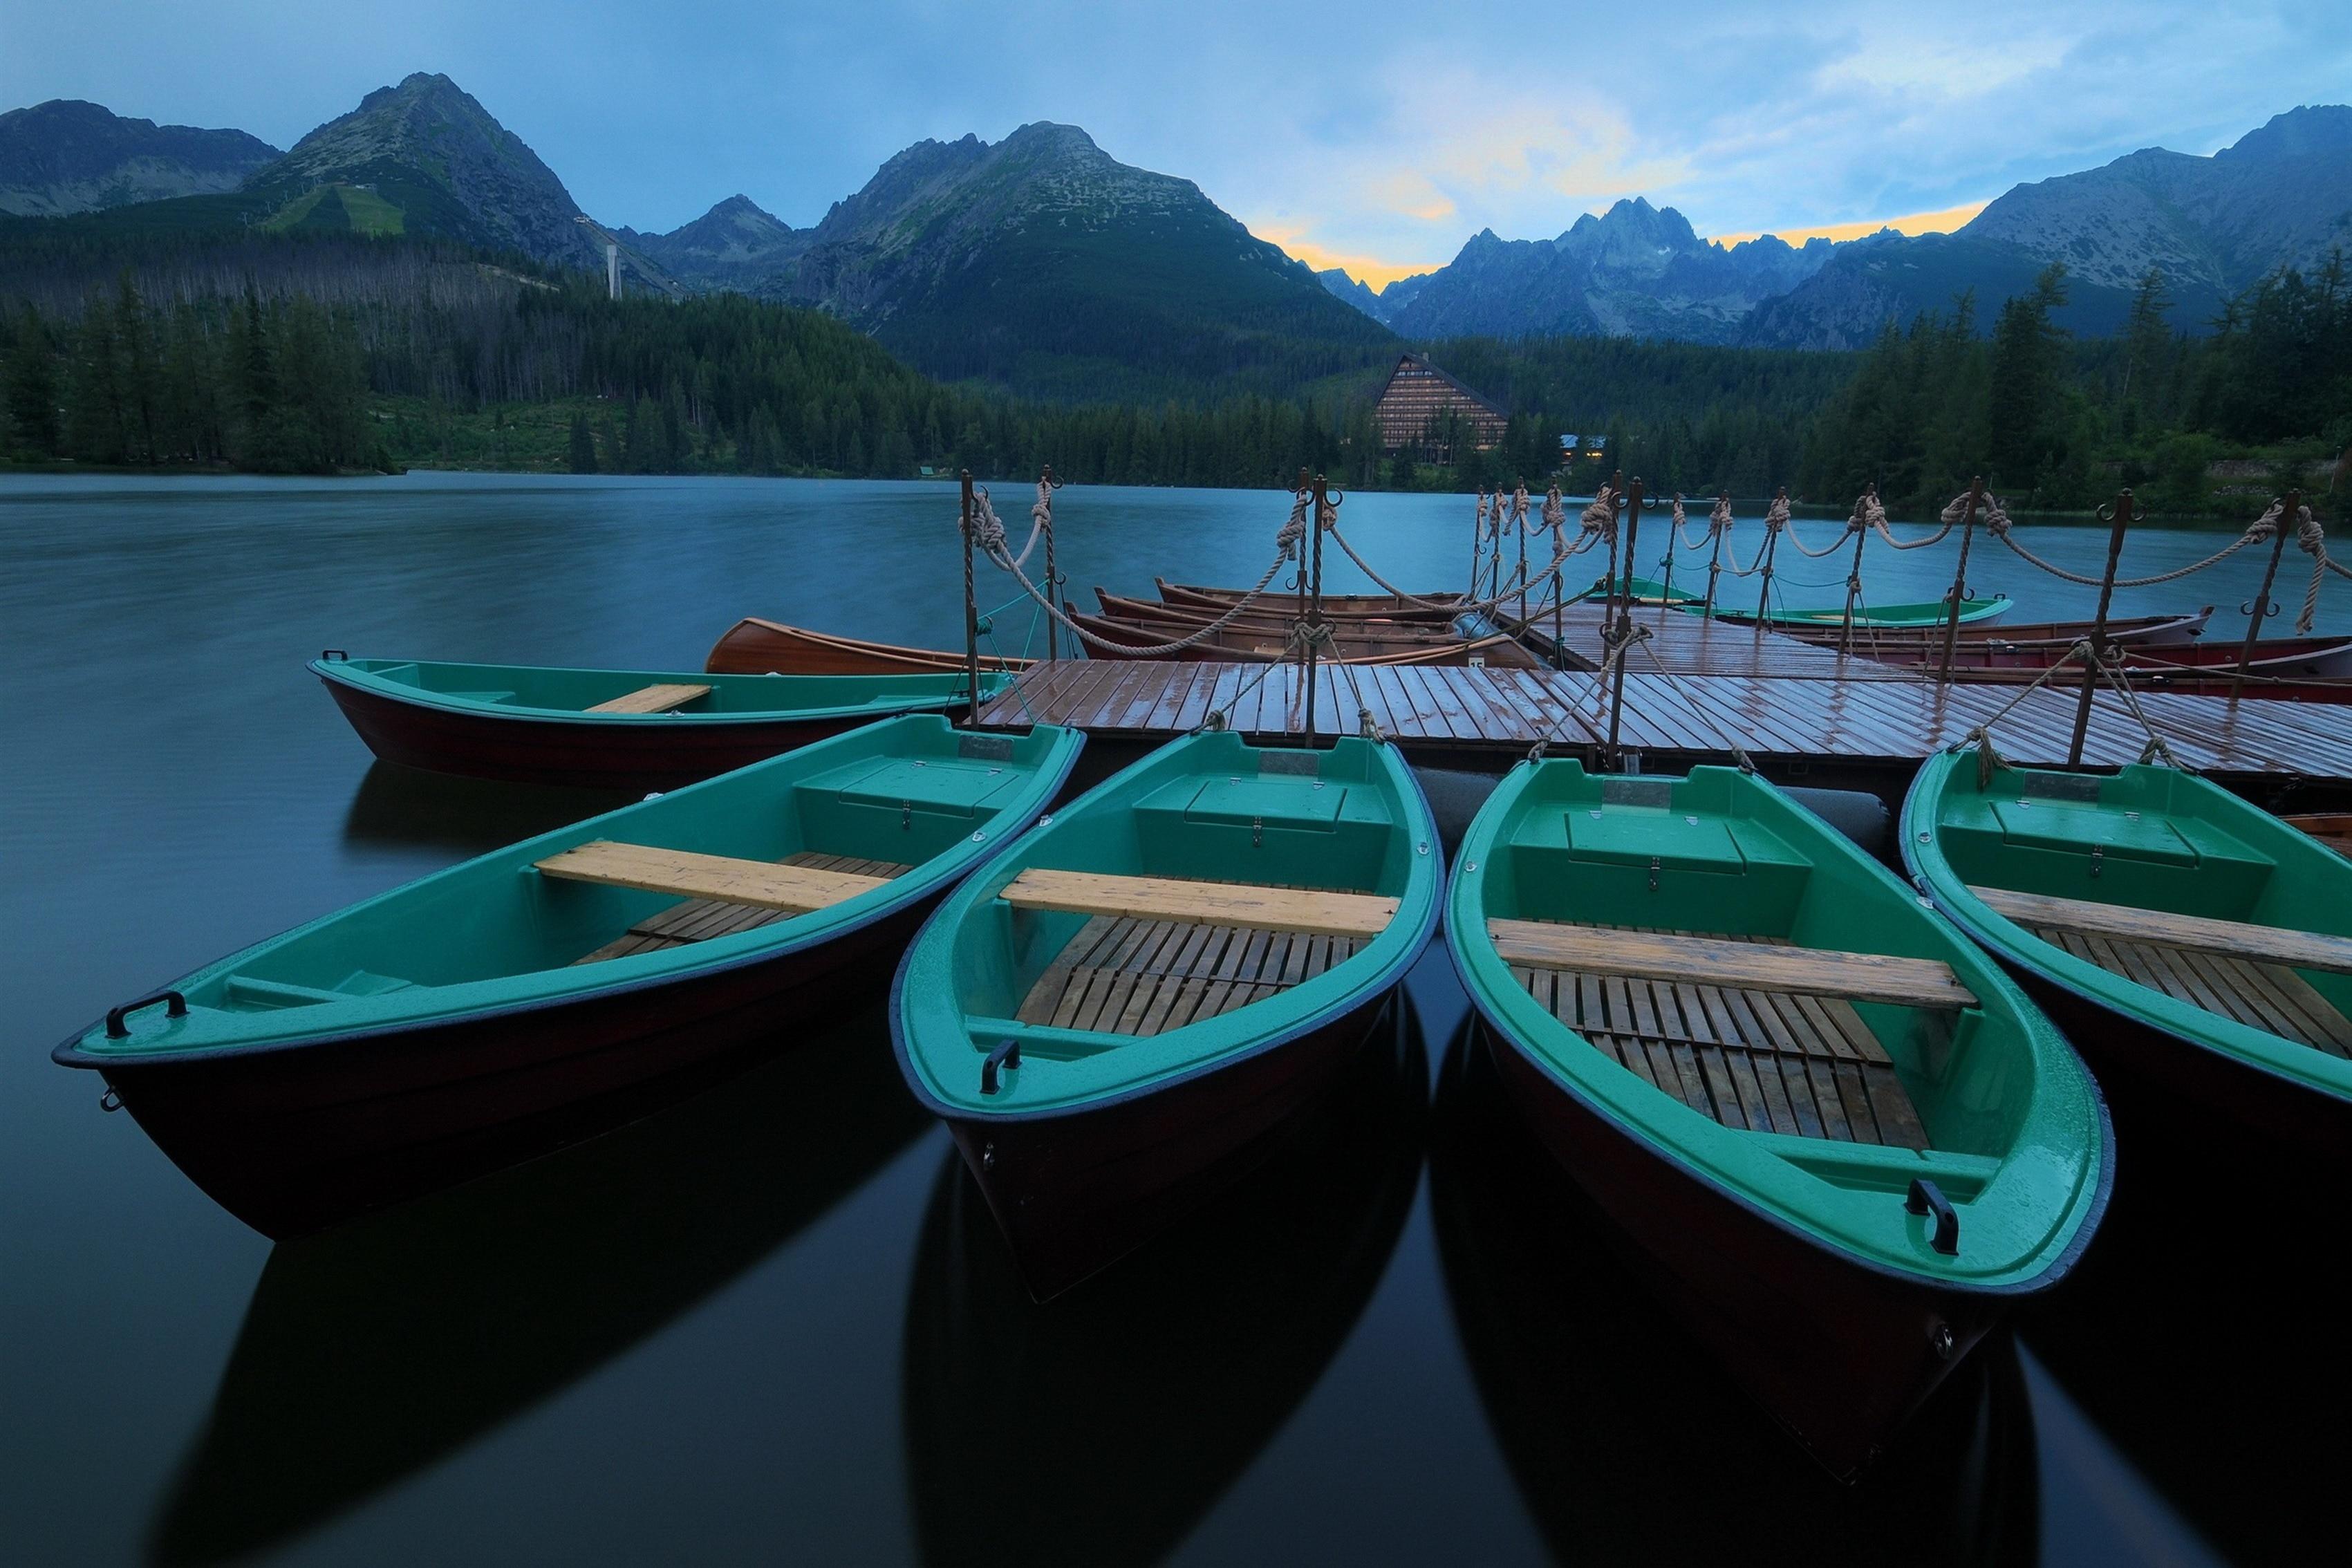 Украшение дома горы лес спокойствие Озеро Лодка Pier утренний Шелковый Ткань плакат печать 312fj